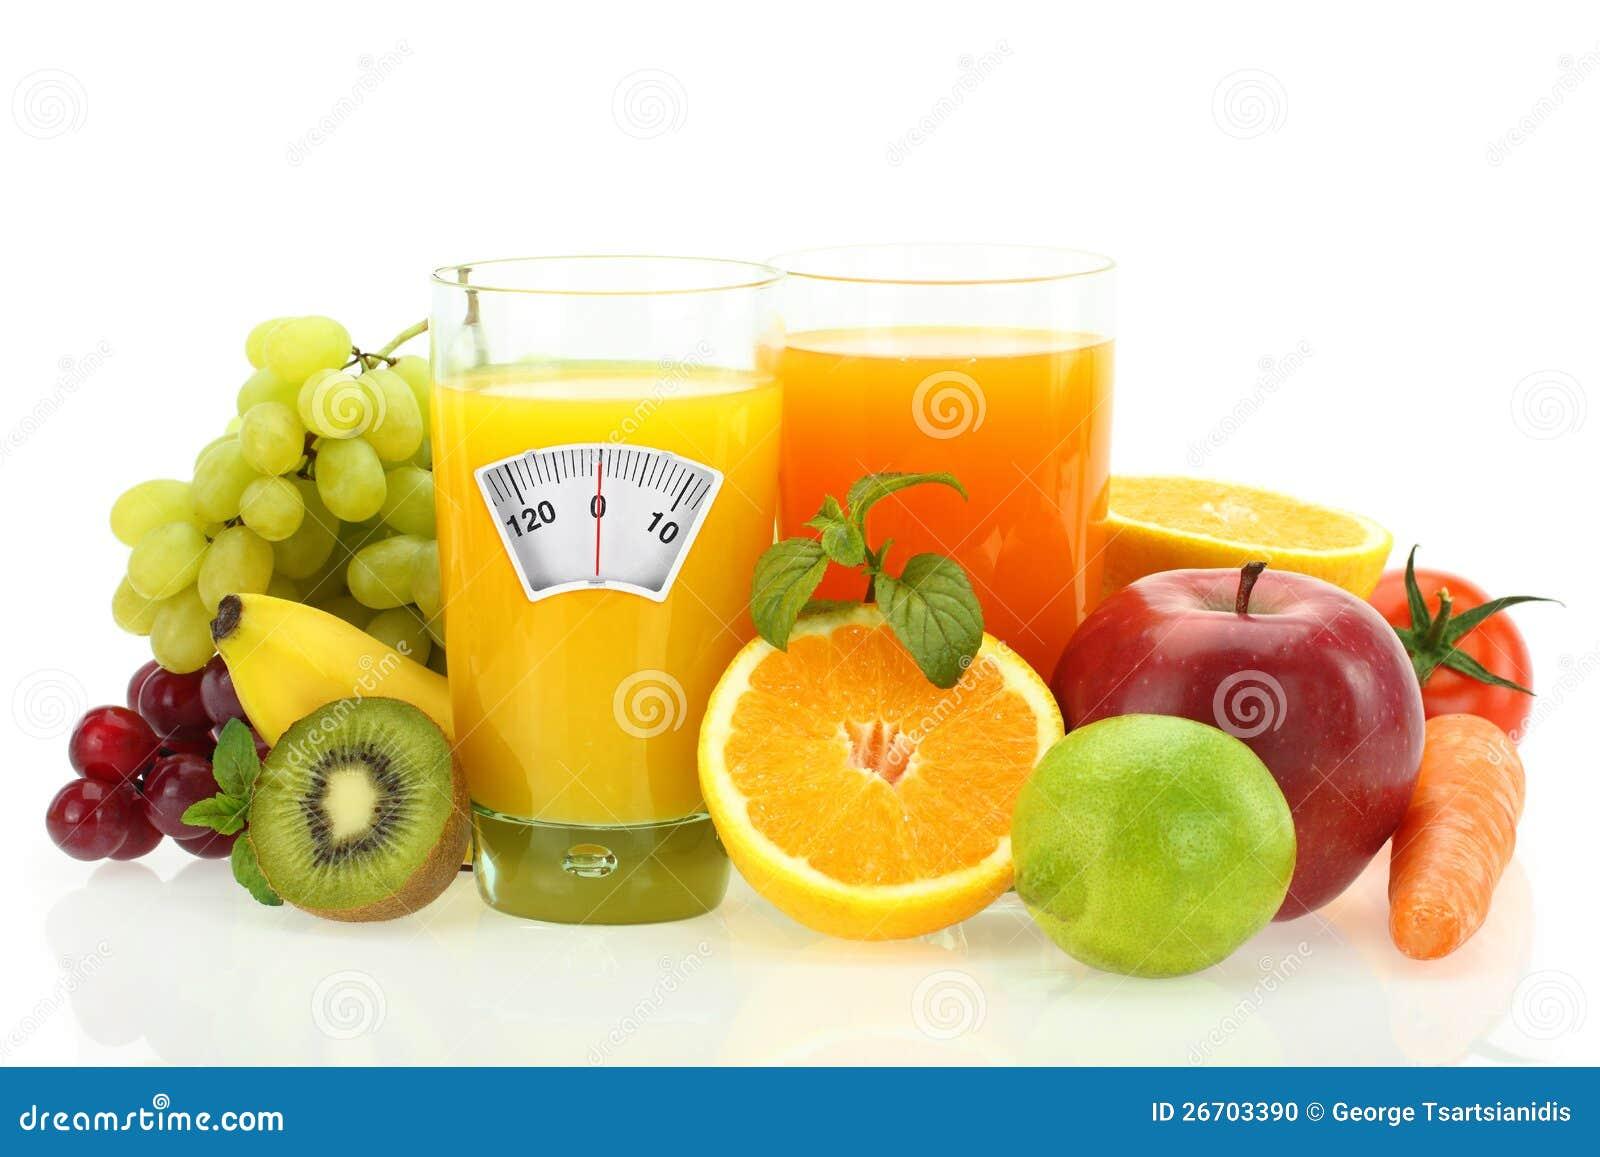 frutas y verduras para una dieta